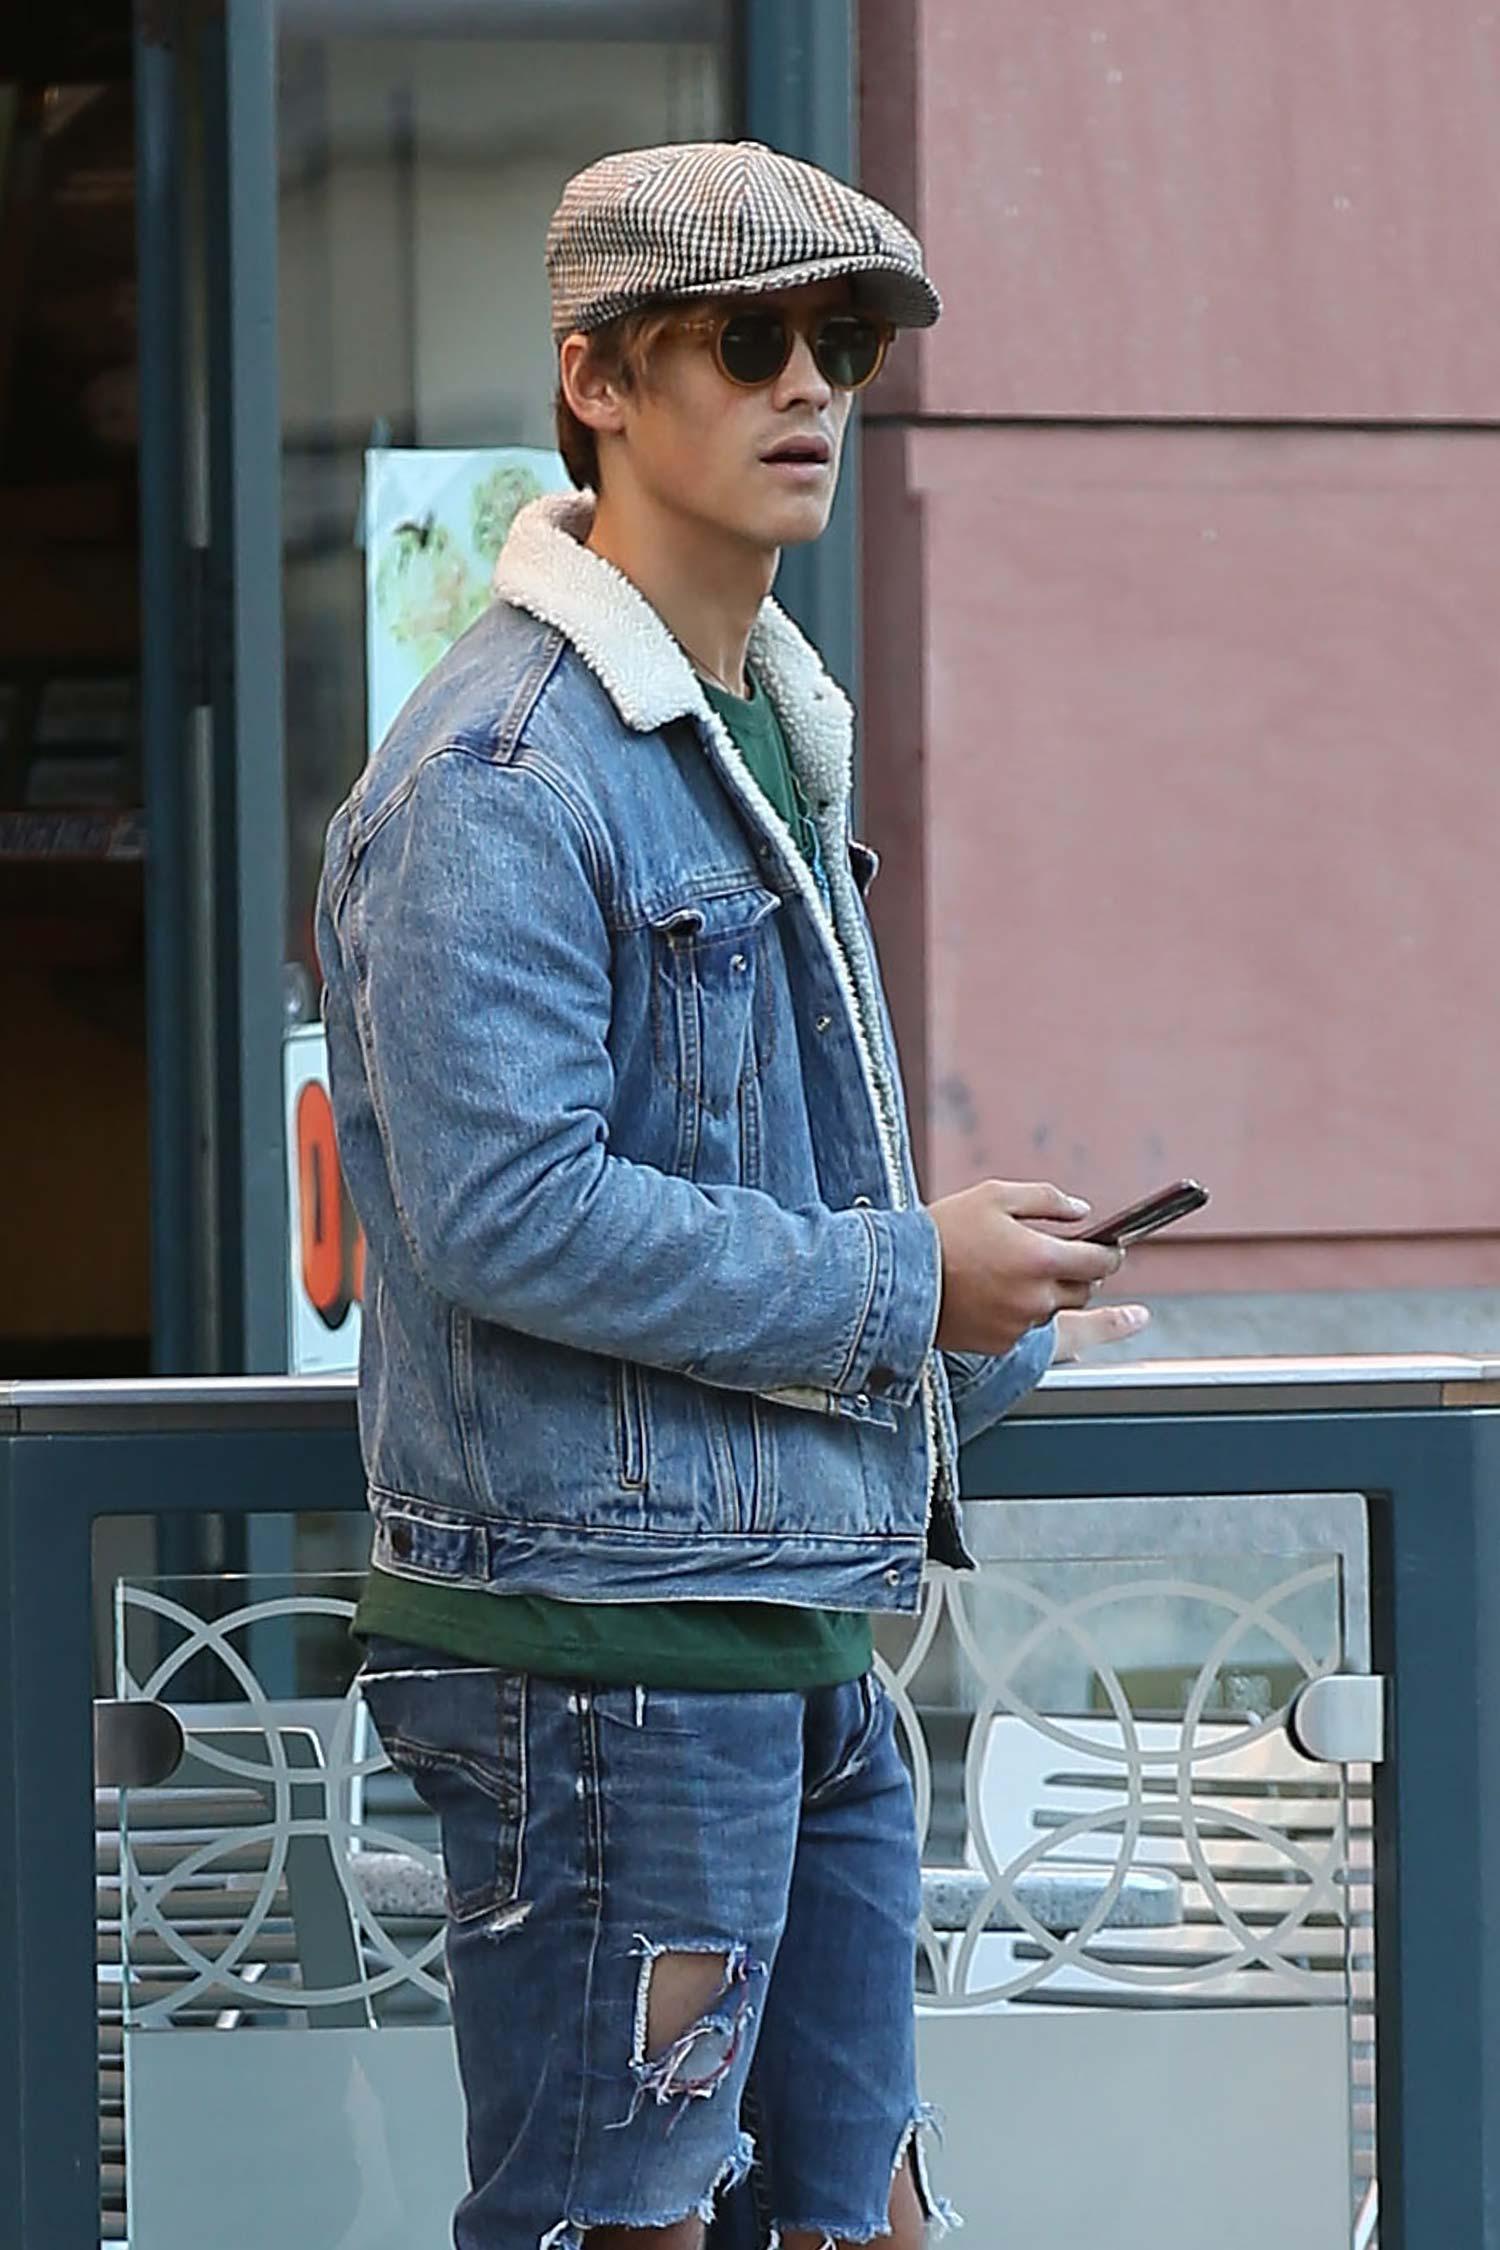 brenton-thwaites-cult-denim-jeans